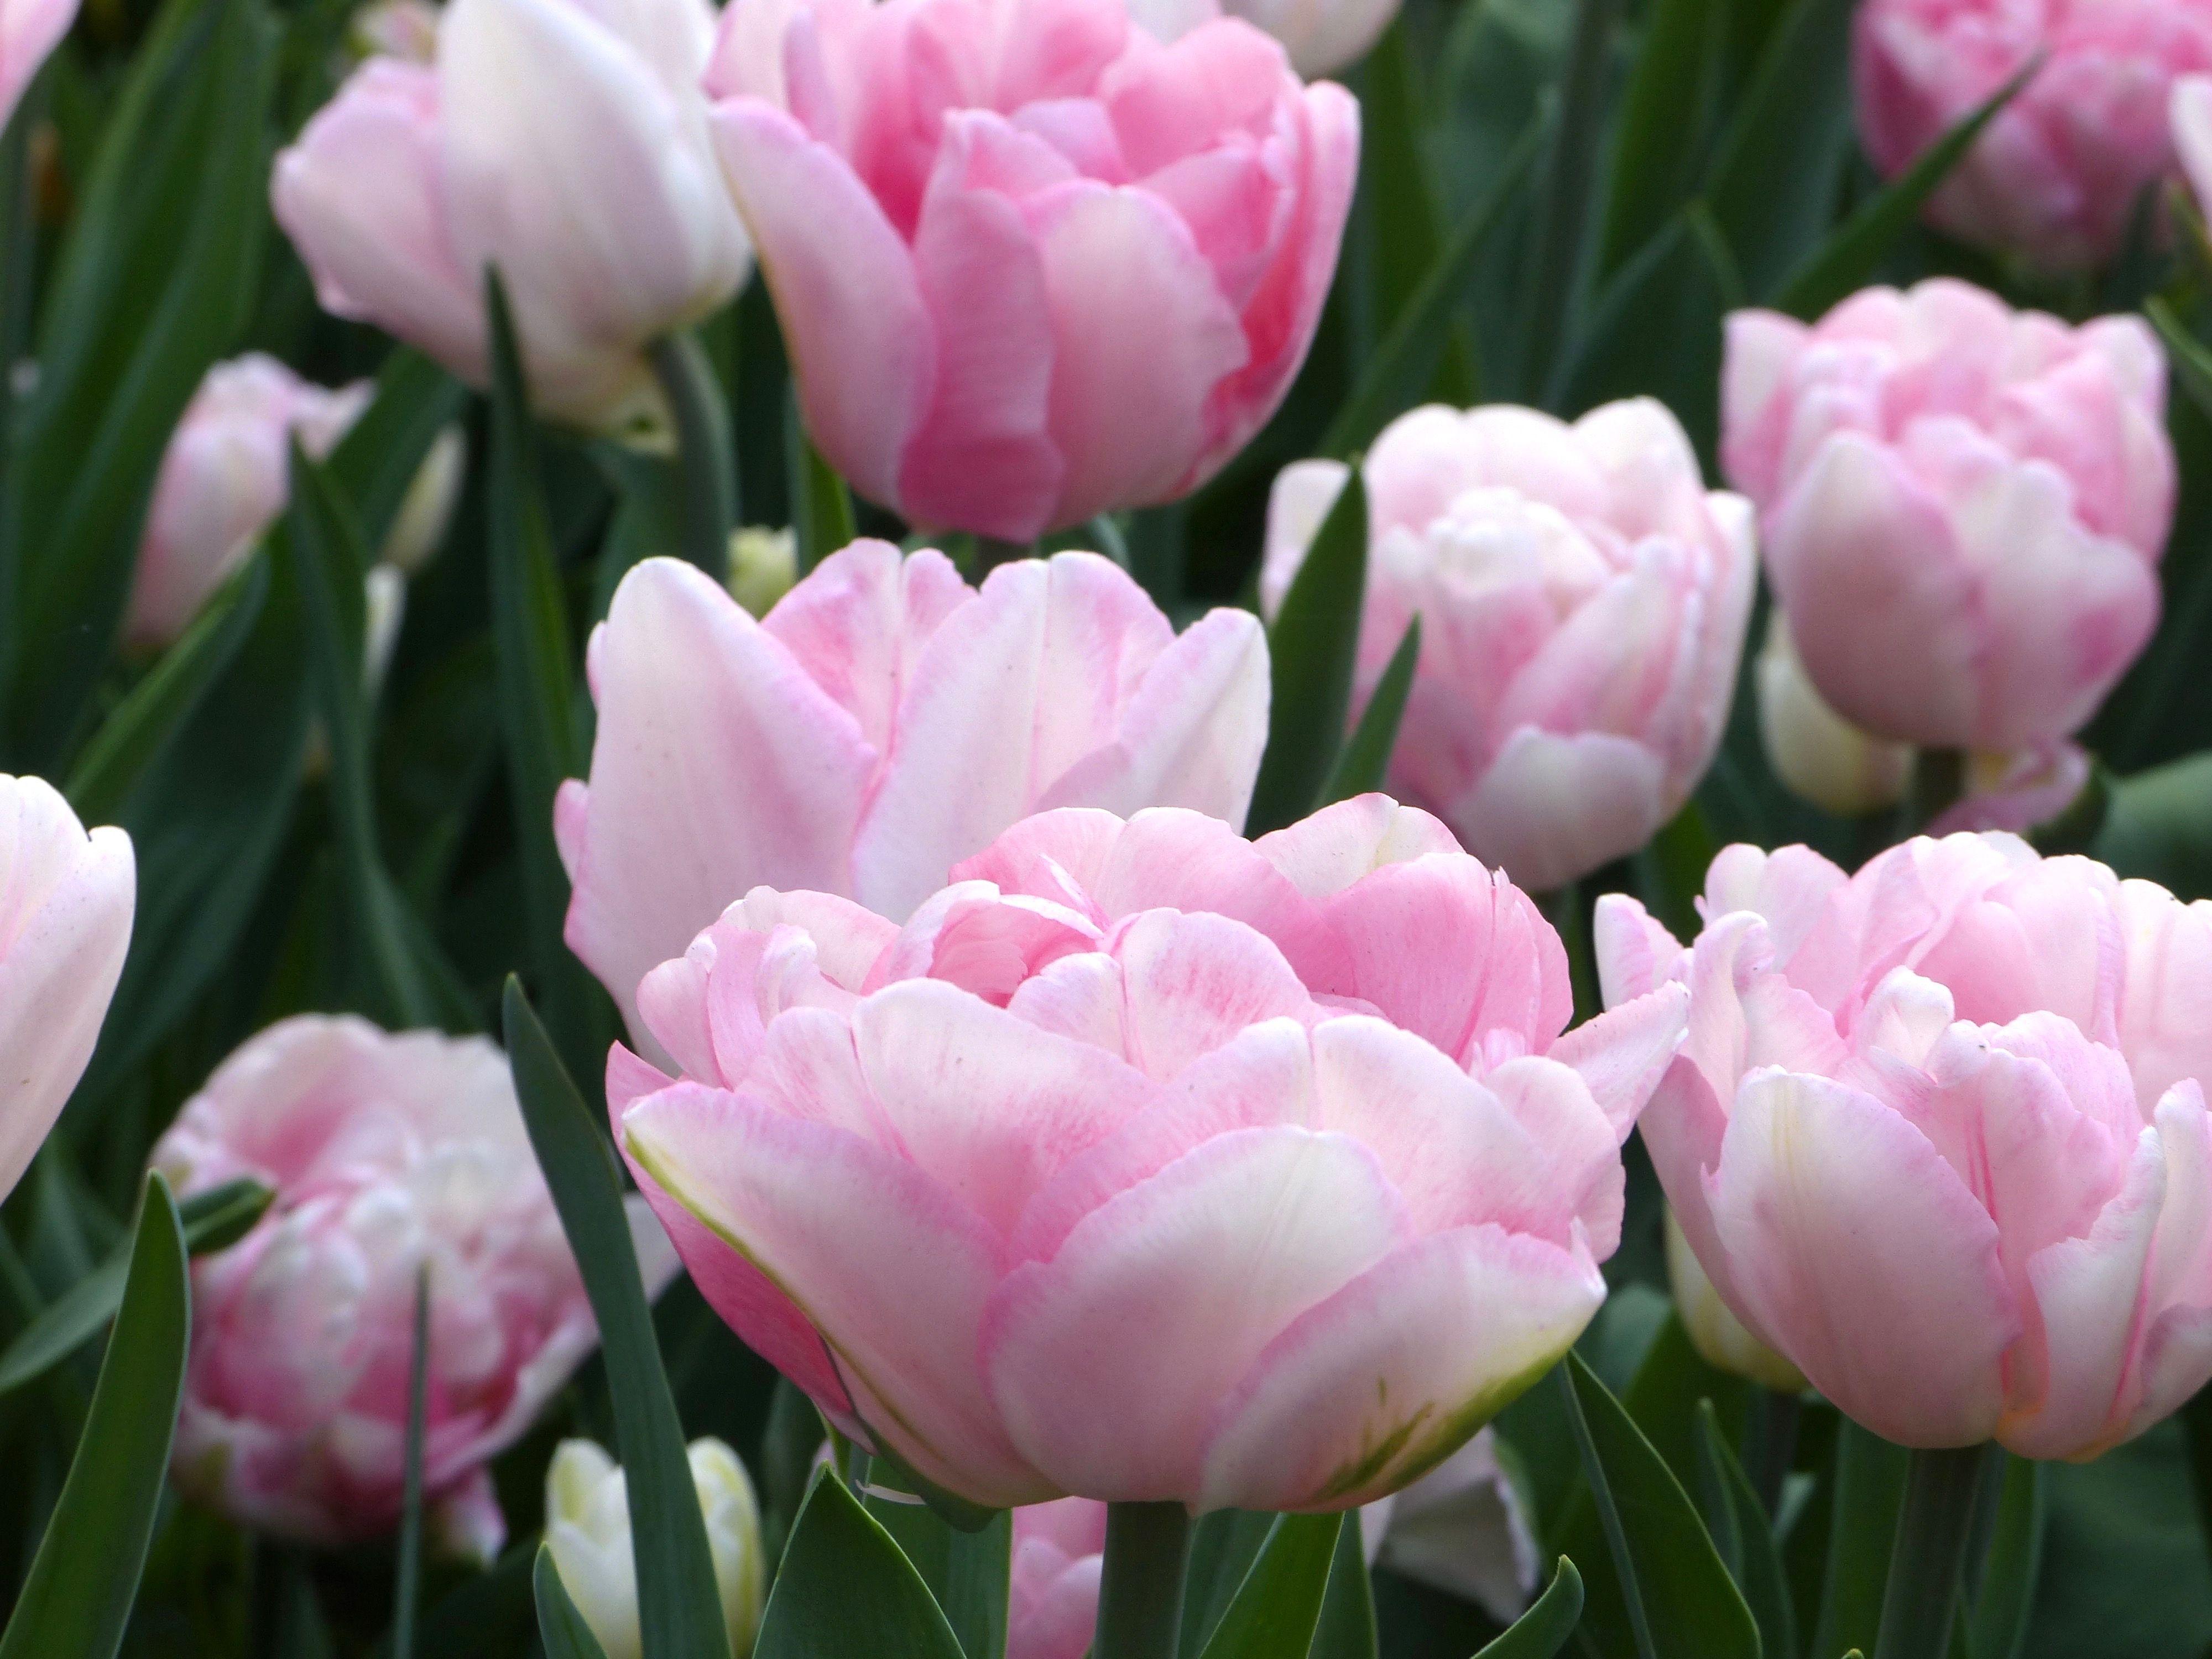 Diese Gefullte Fruhe Tulpe Tragt Den Namen Foxtrot Sie Wird Etwa 35 Cm Hoch Und Bluht Im April In Romantischen Rosa Fruhlingsgarten Staudengartnerei Tulpen